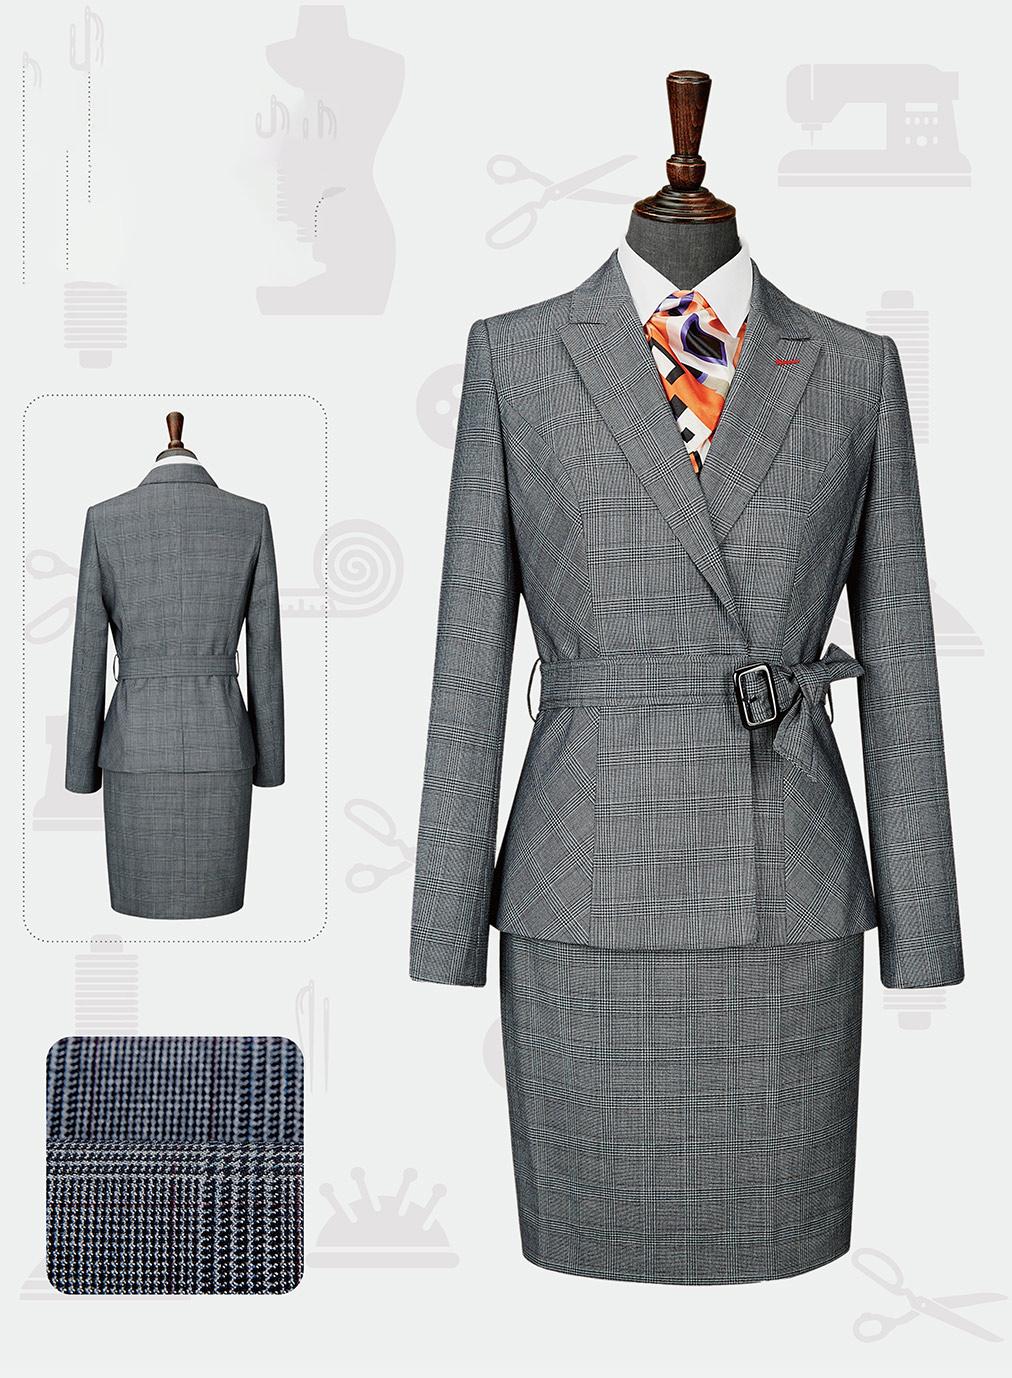 女西服套装-LX-1098(样衣定制款)